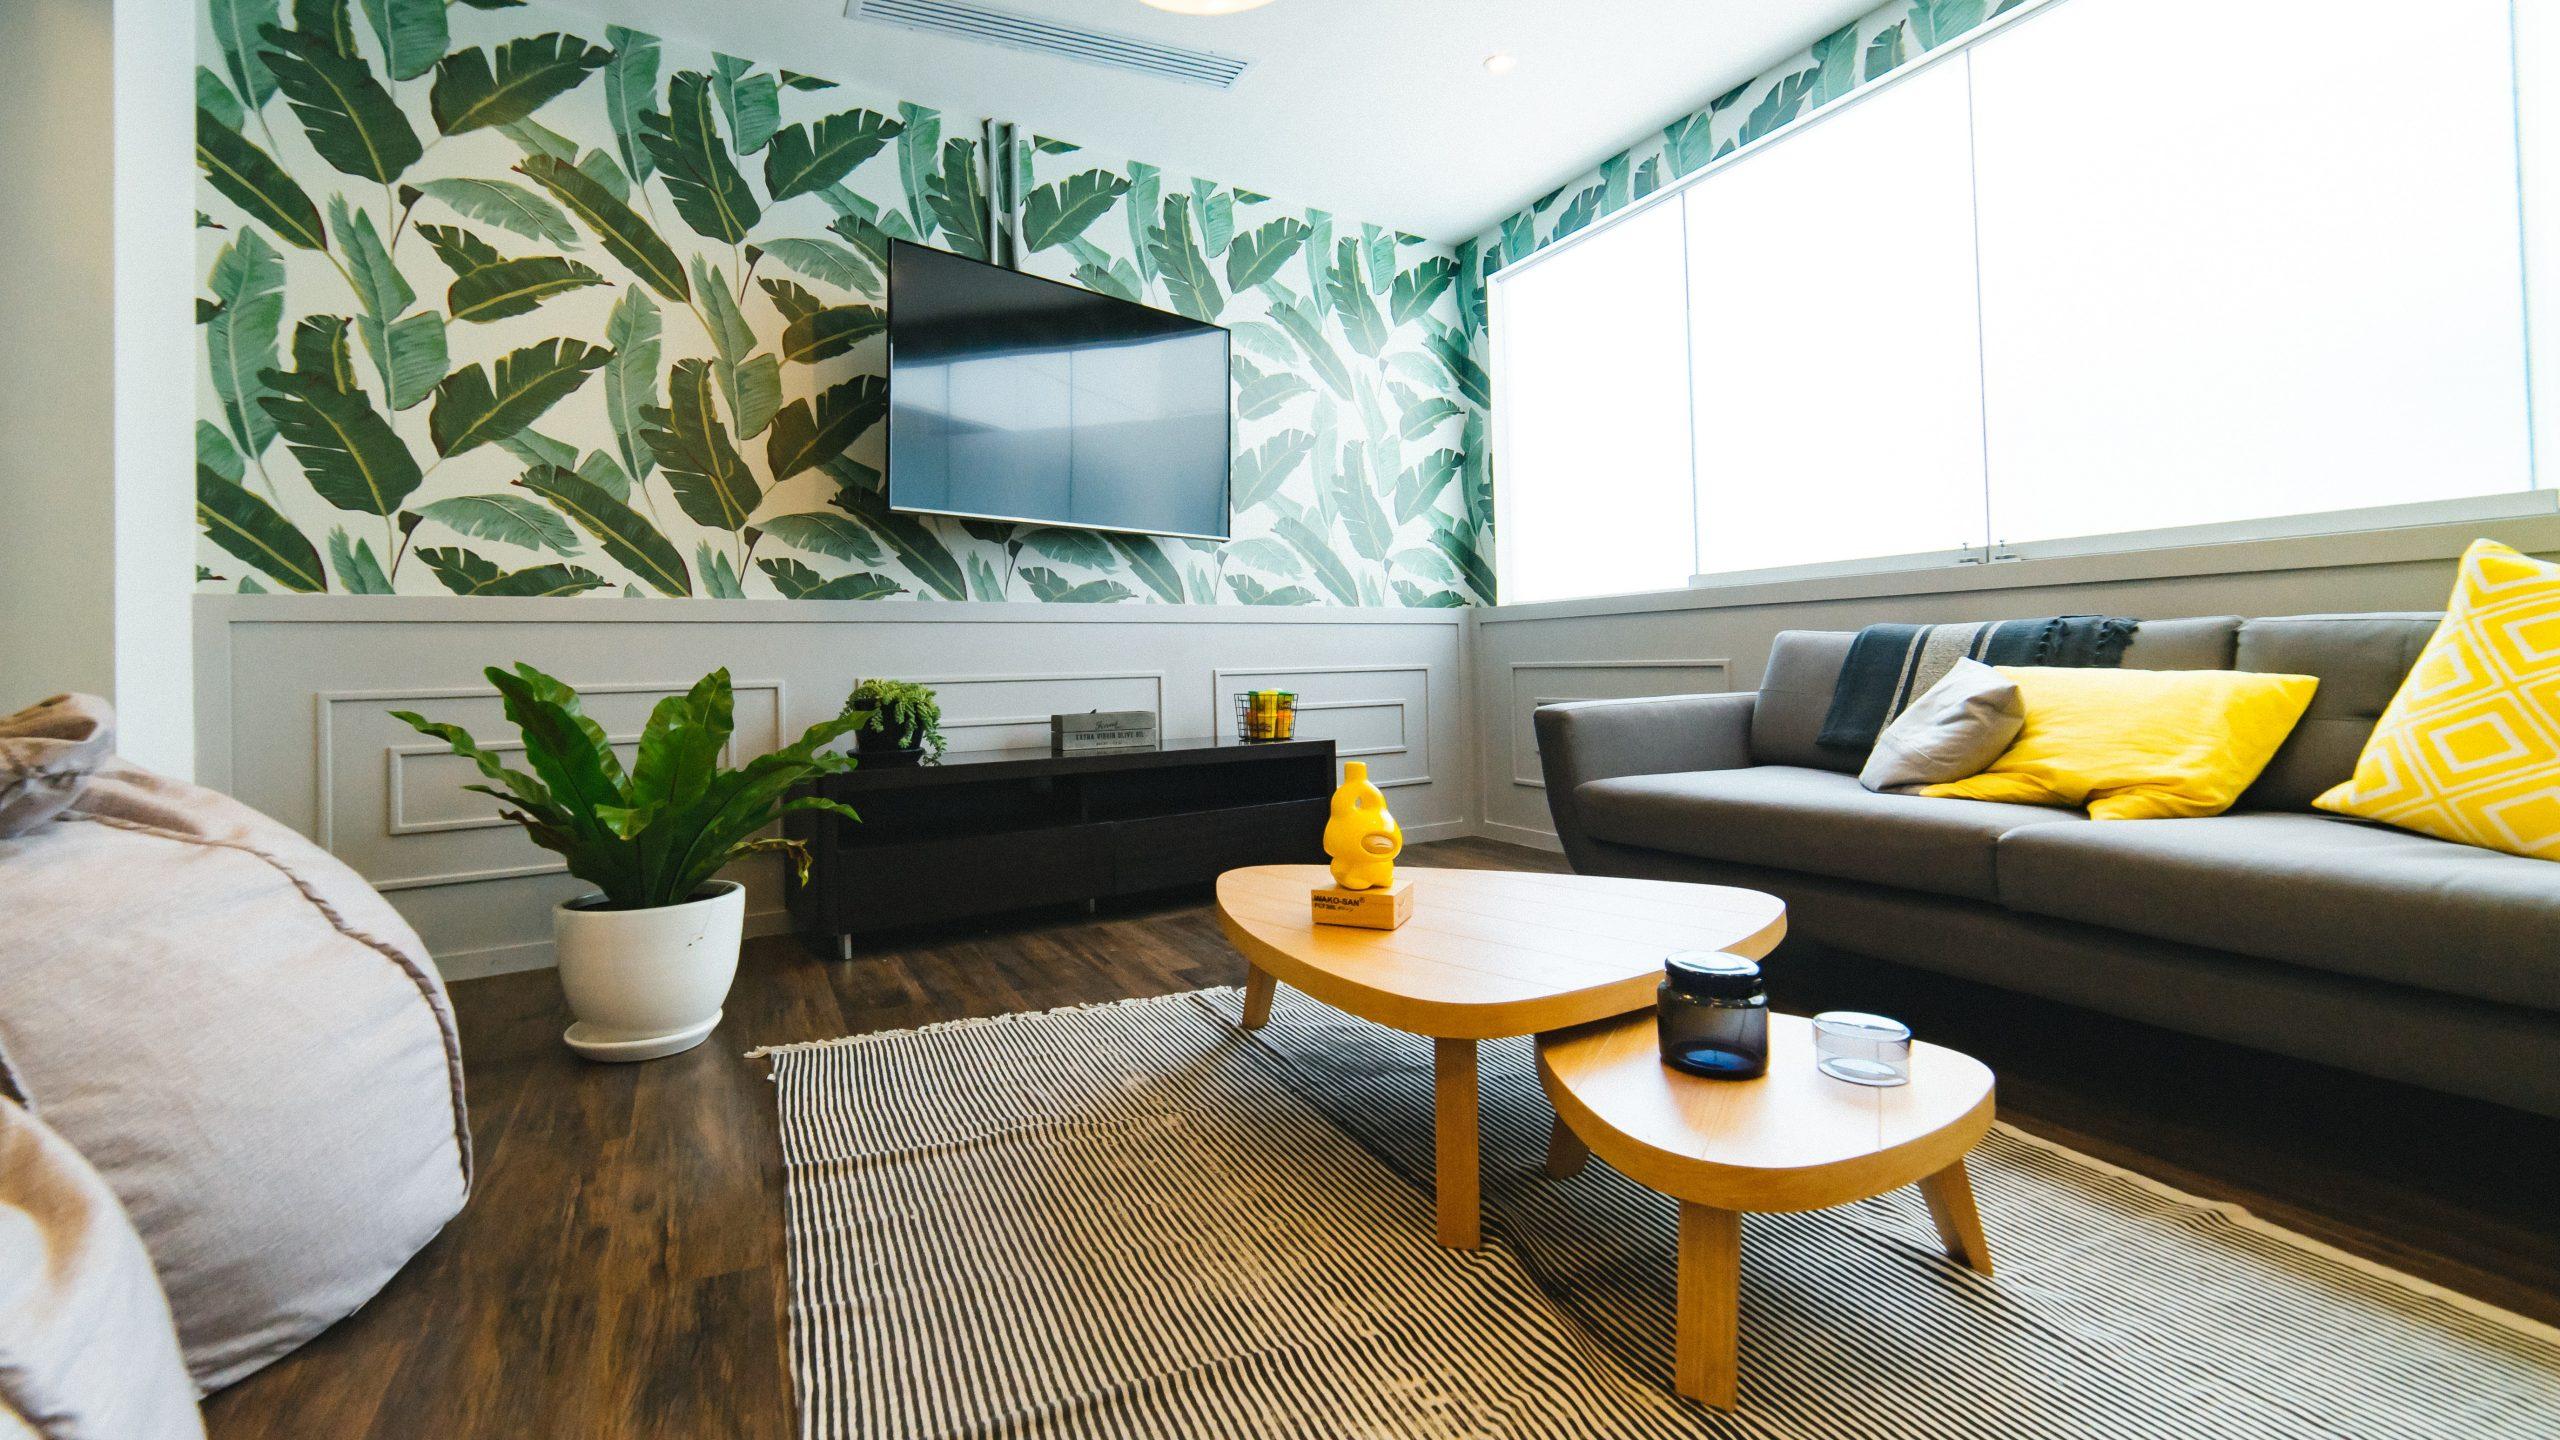 Planujesz remont? Chcesz odświeżyć mieszkanie lub biuro? Zainspiruj się najnowszymi trendami w aranżacji wnętrz